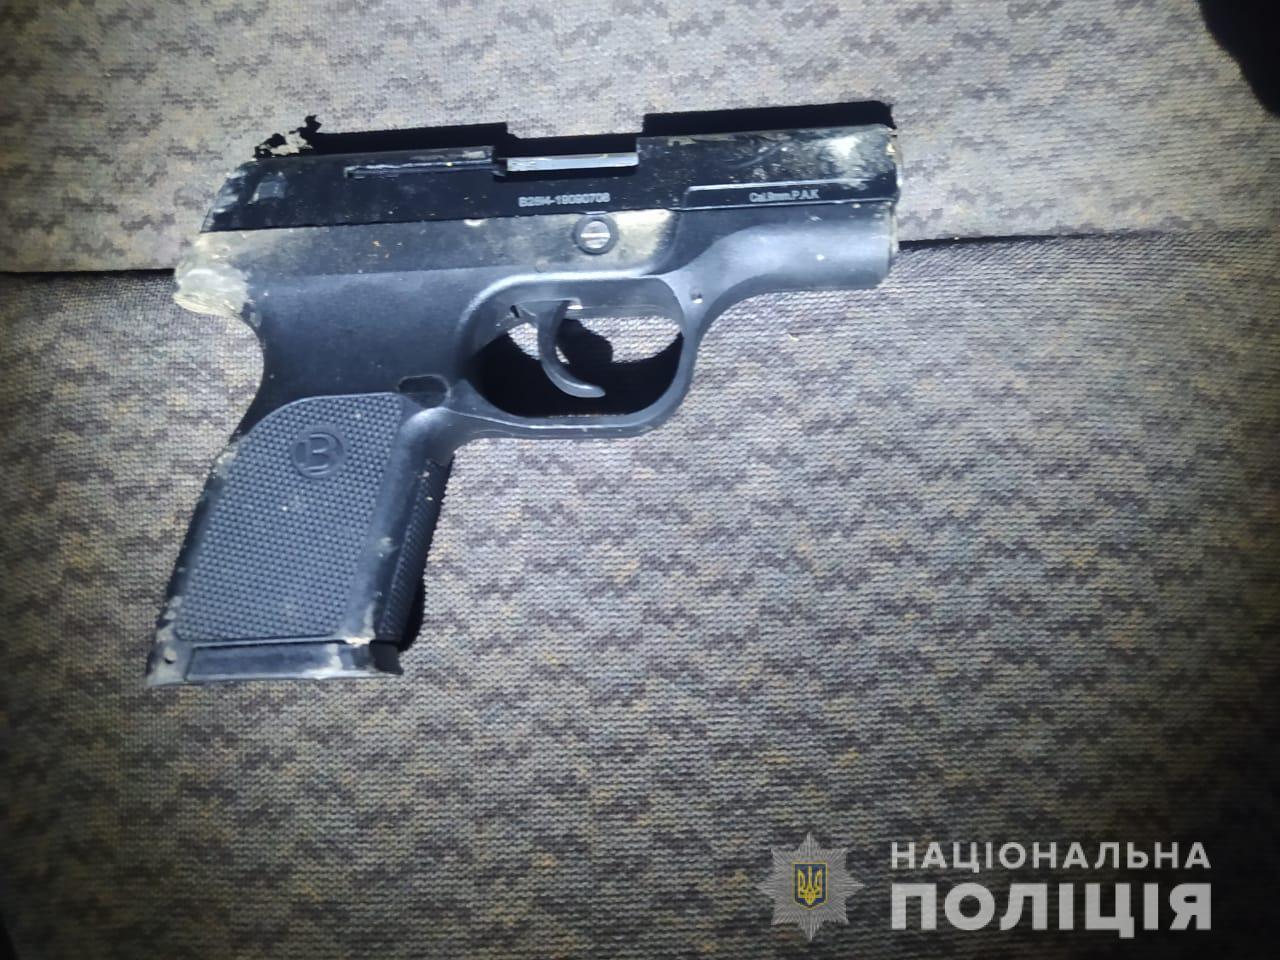 Поліцейські виявили хлопця зі зброєю